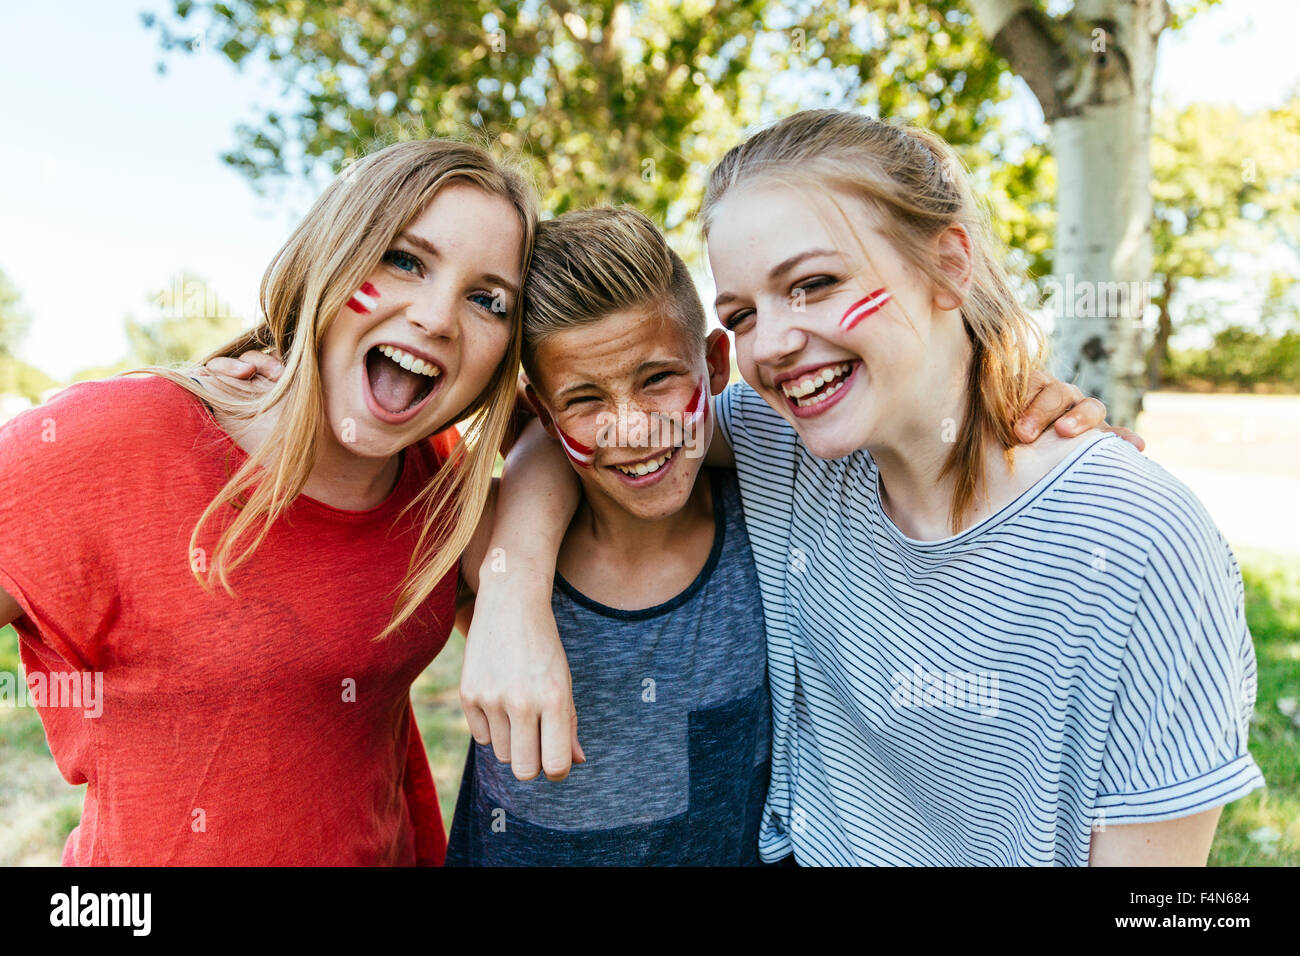 L'Autriche, trois adolescents avec les couleurs peintes sur leurs joues célébrer ensemble Photo Stock